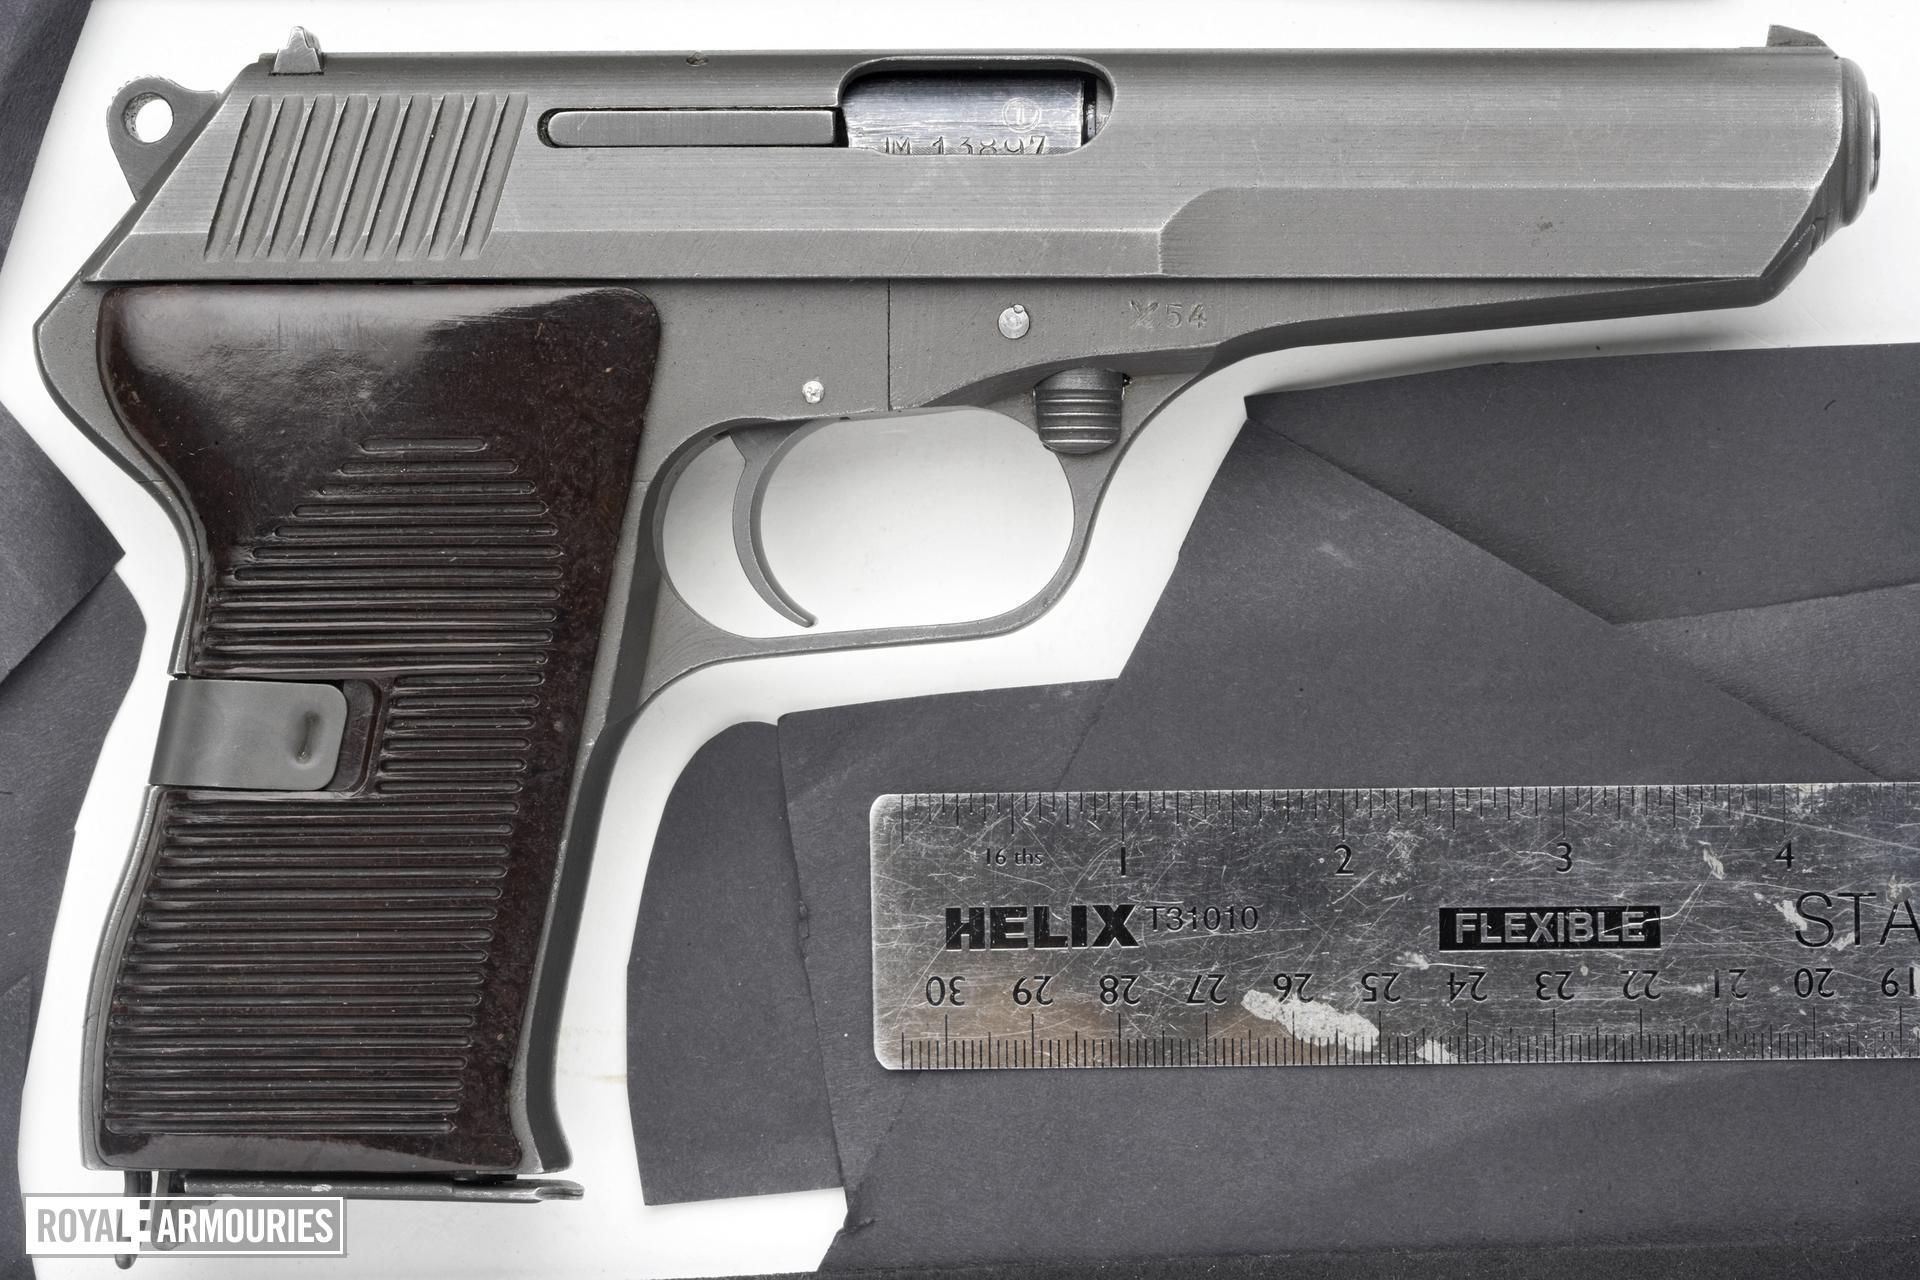 Centrefire self-loading pistol - CZ VZ52